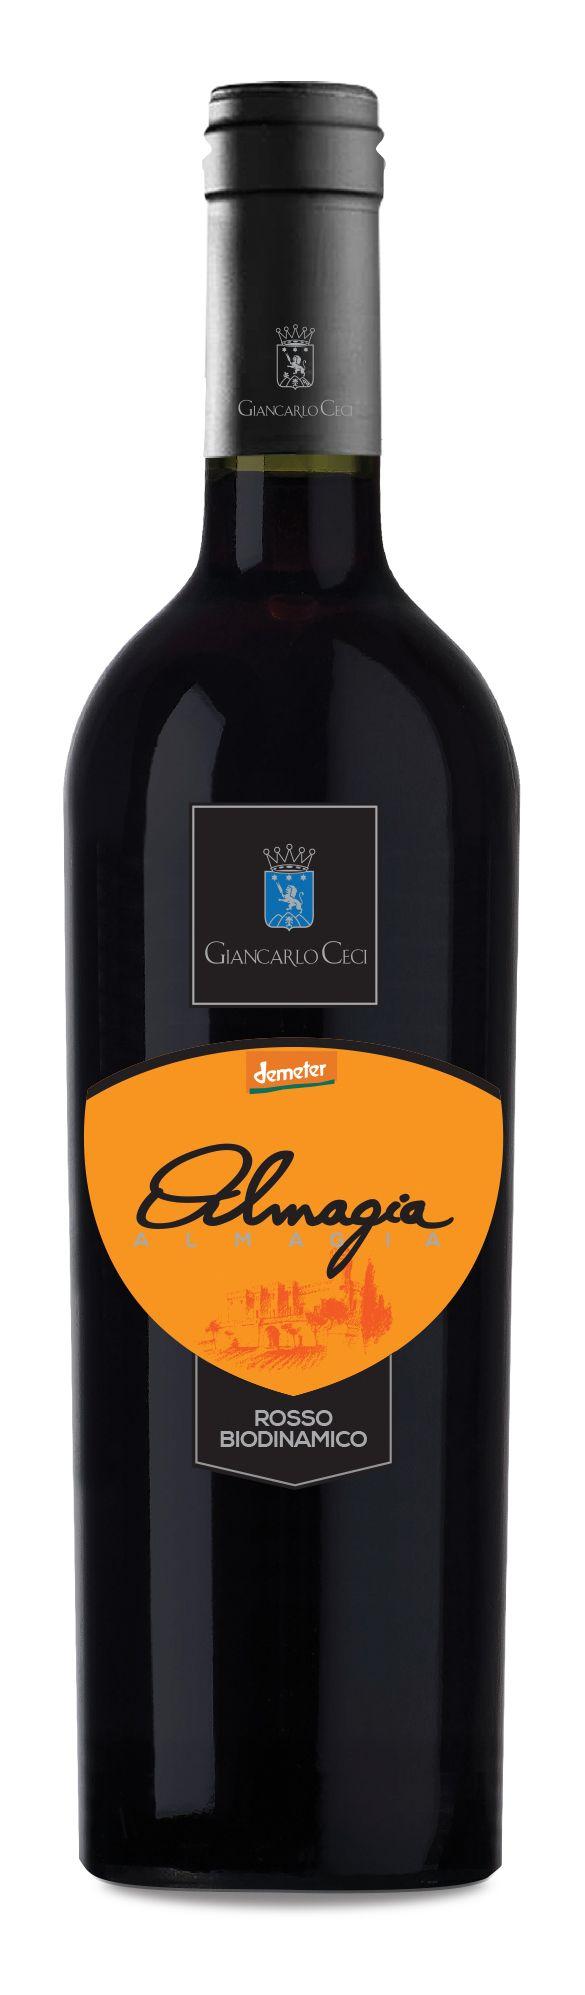 Almagia - Vino Rosso Biodinamico - Azienda Agricola Giancarlo Ceci